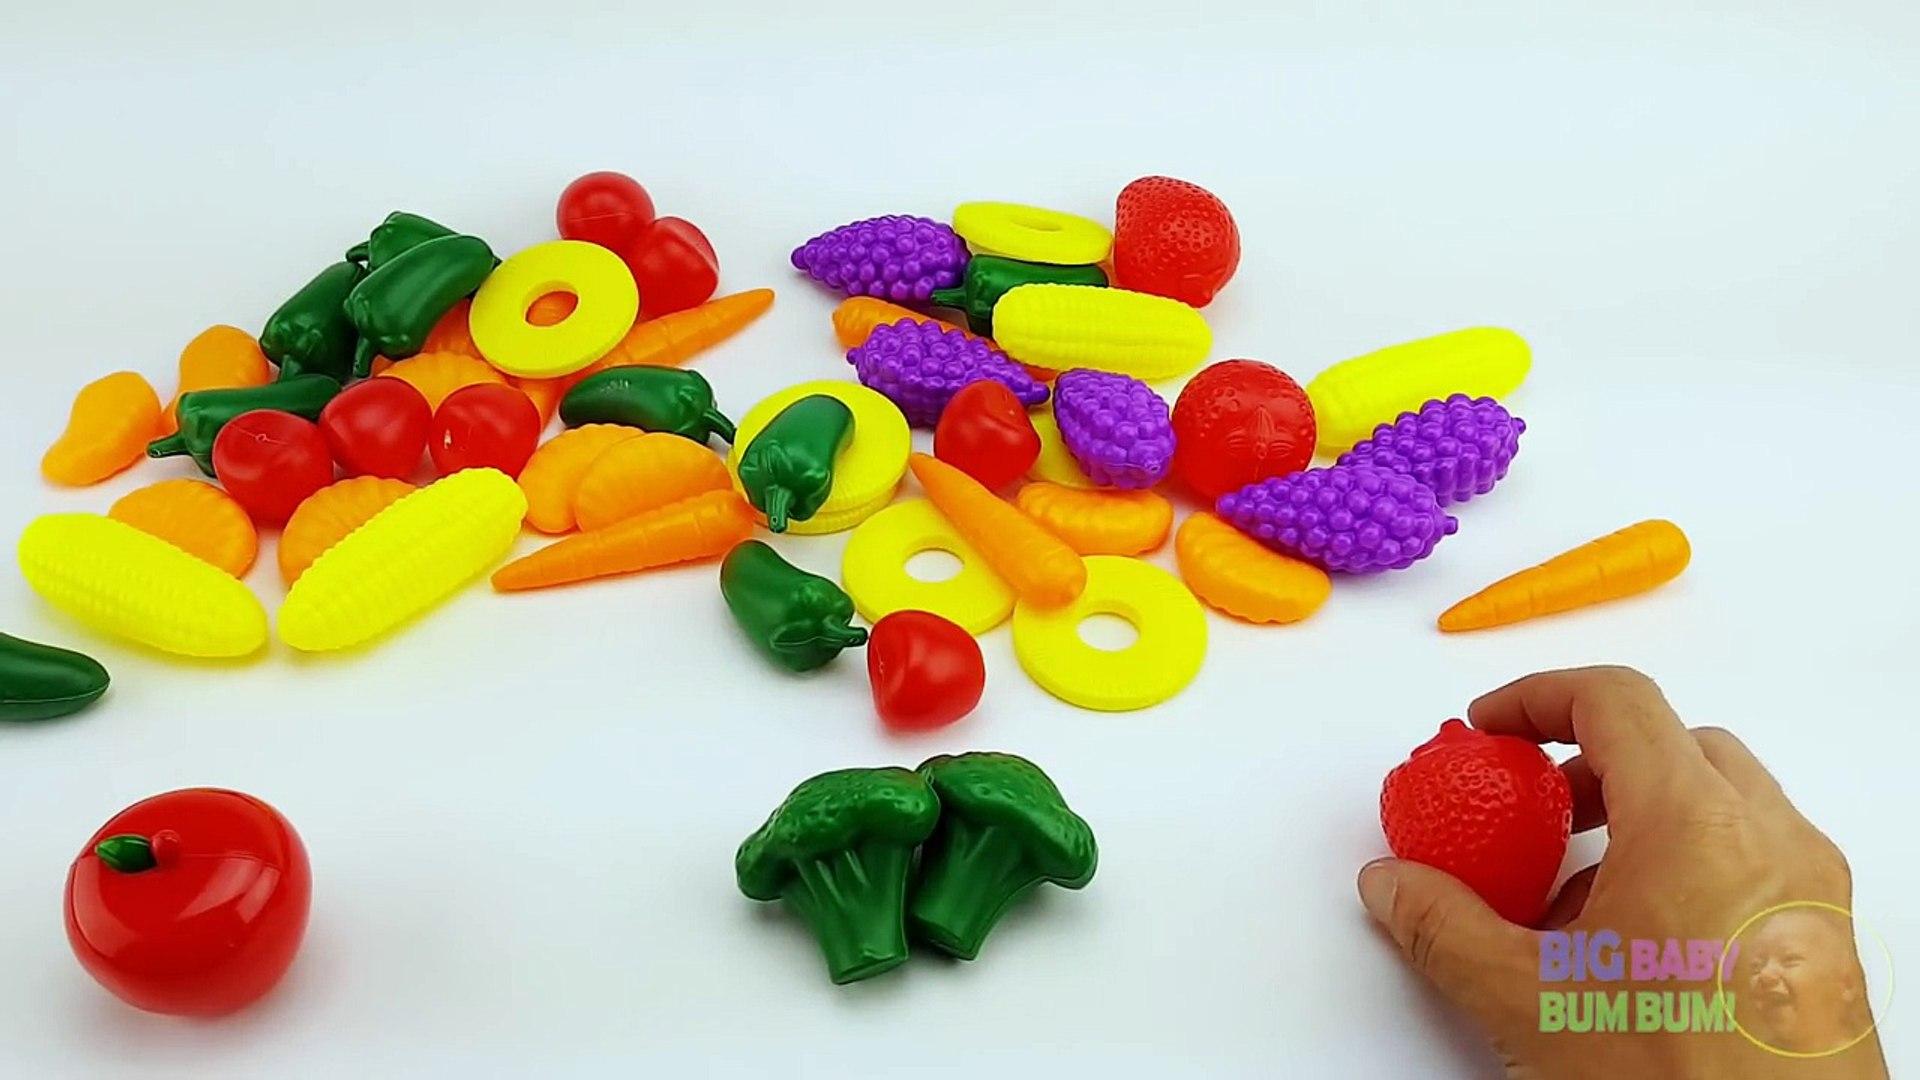 Учимся считать Вт/ фрукты и овощи игрушки дети учатся фрукты овощи Дошкольное обучение